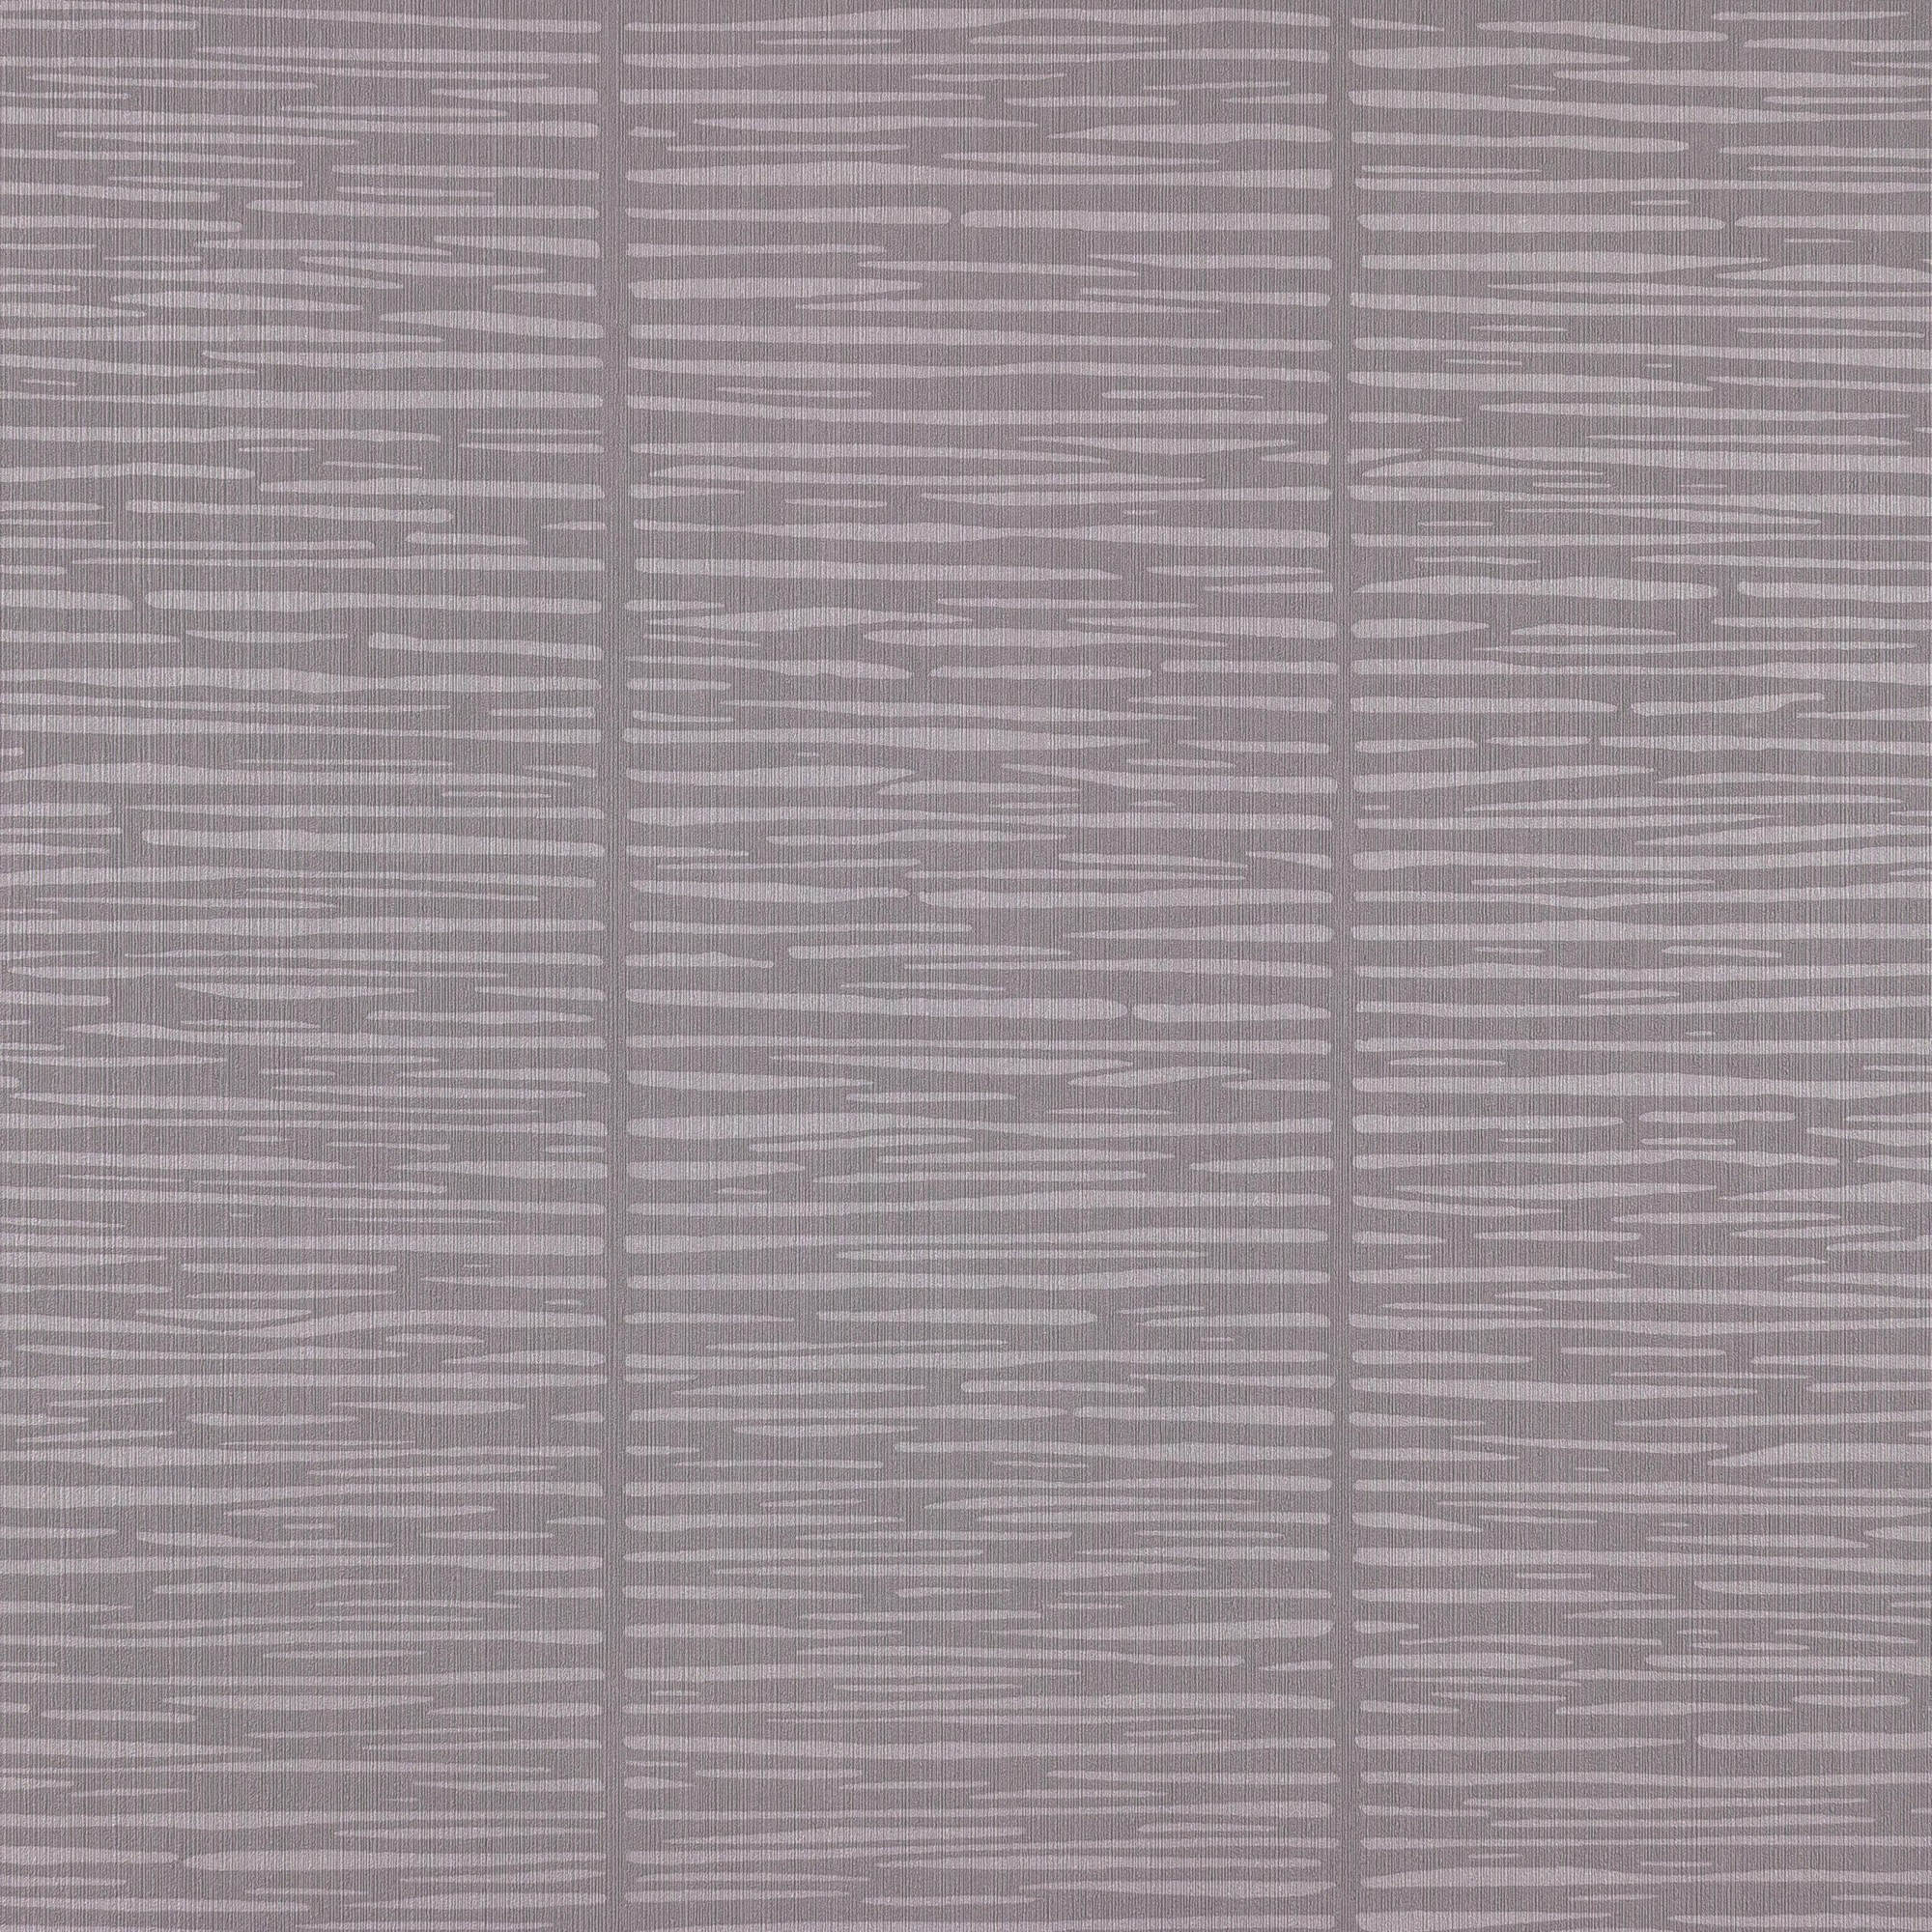 rasch tapete deco chic vliestapete 728712 streifen modern grau. Black Bedroom Furniture Sets. Home Design Ideas